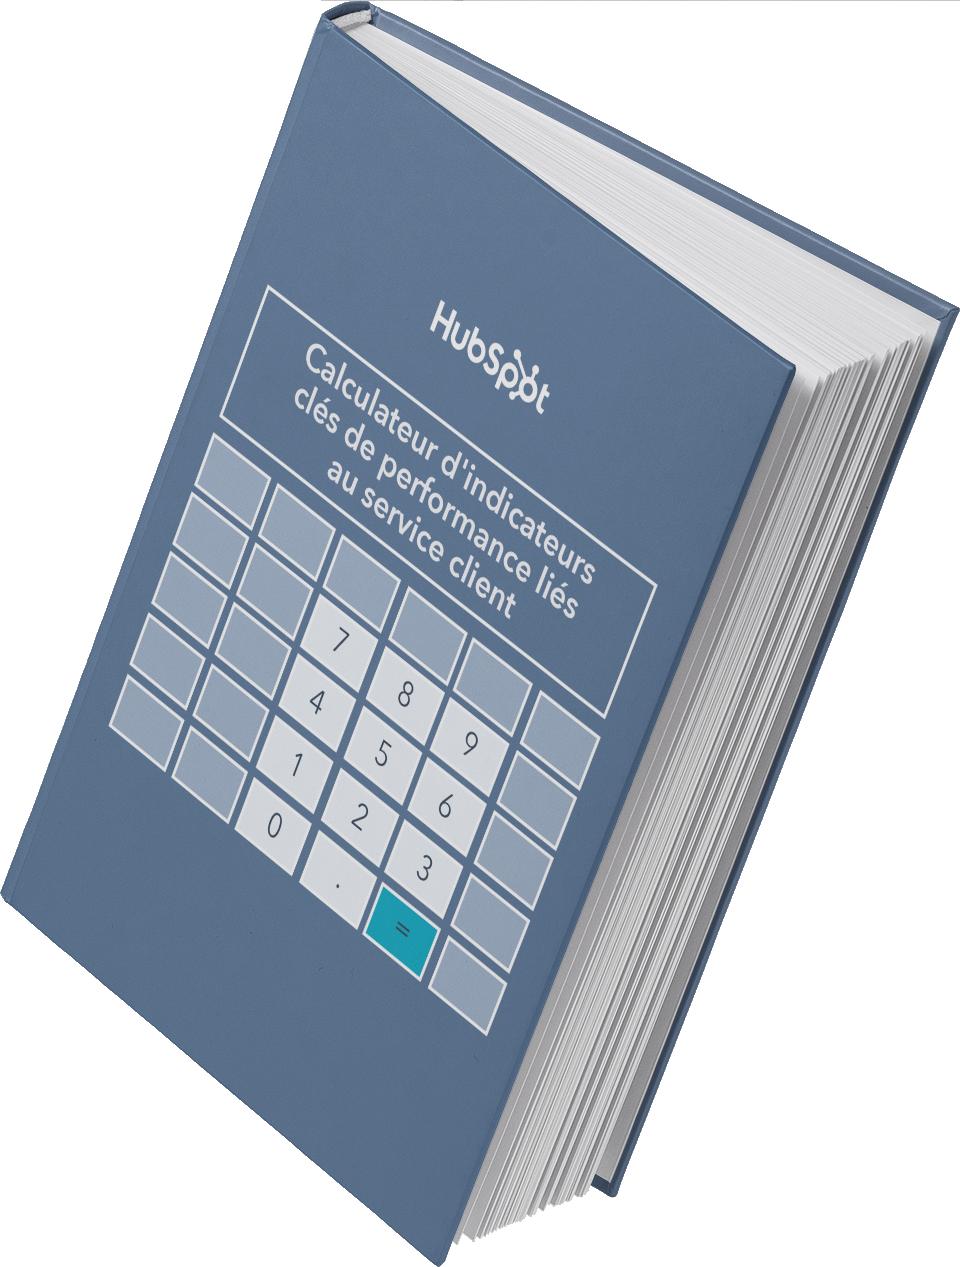 Calculateur-indicateurs-service-client